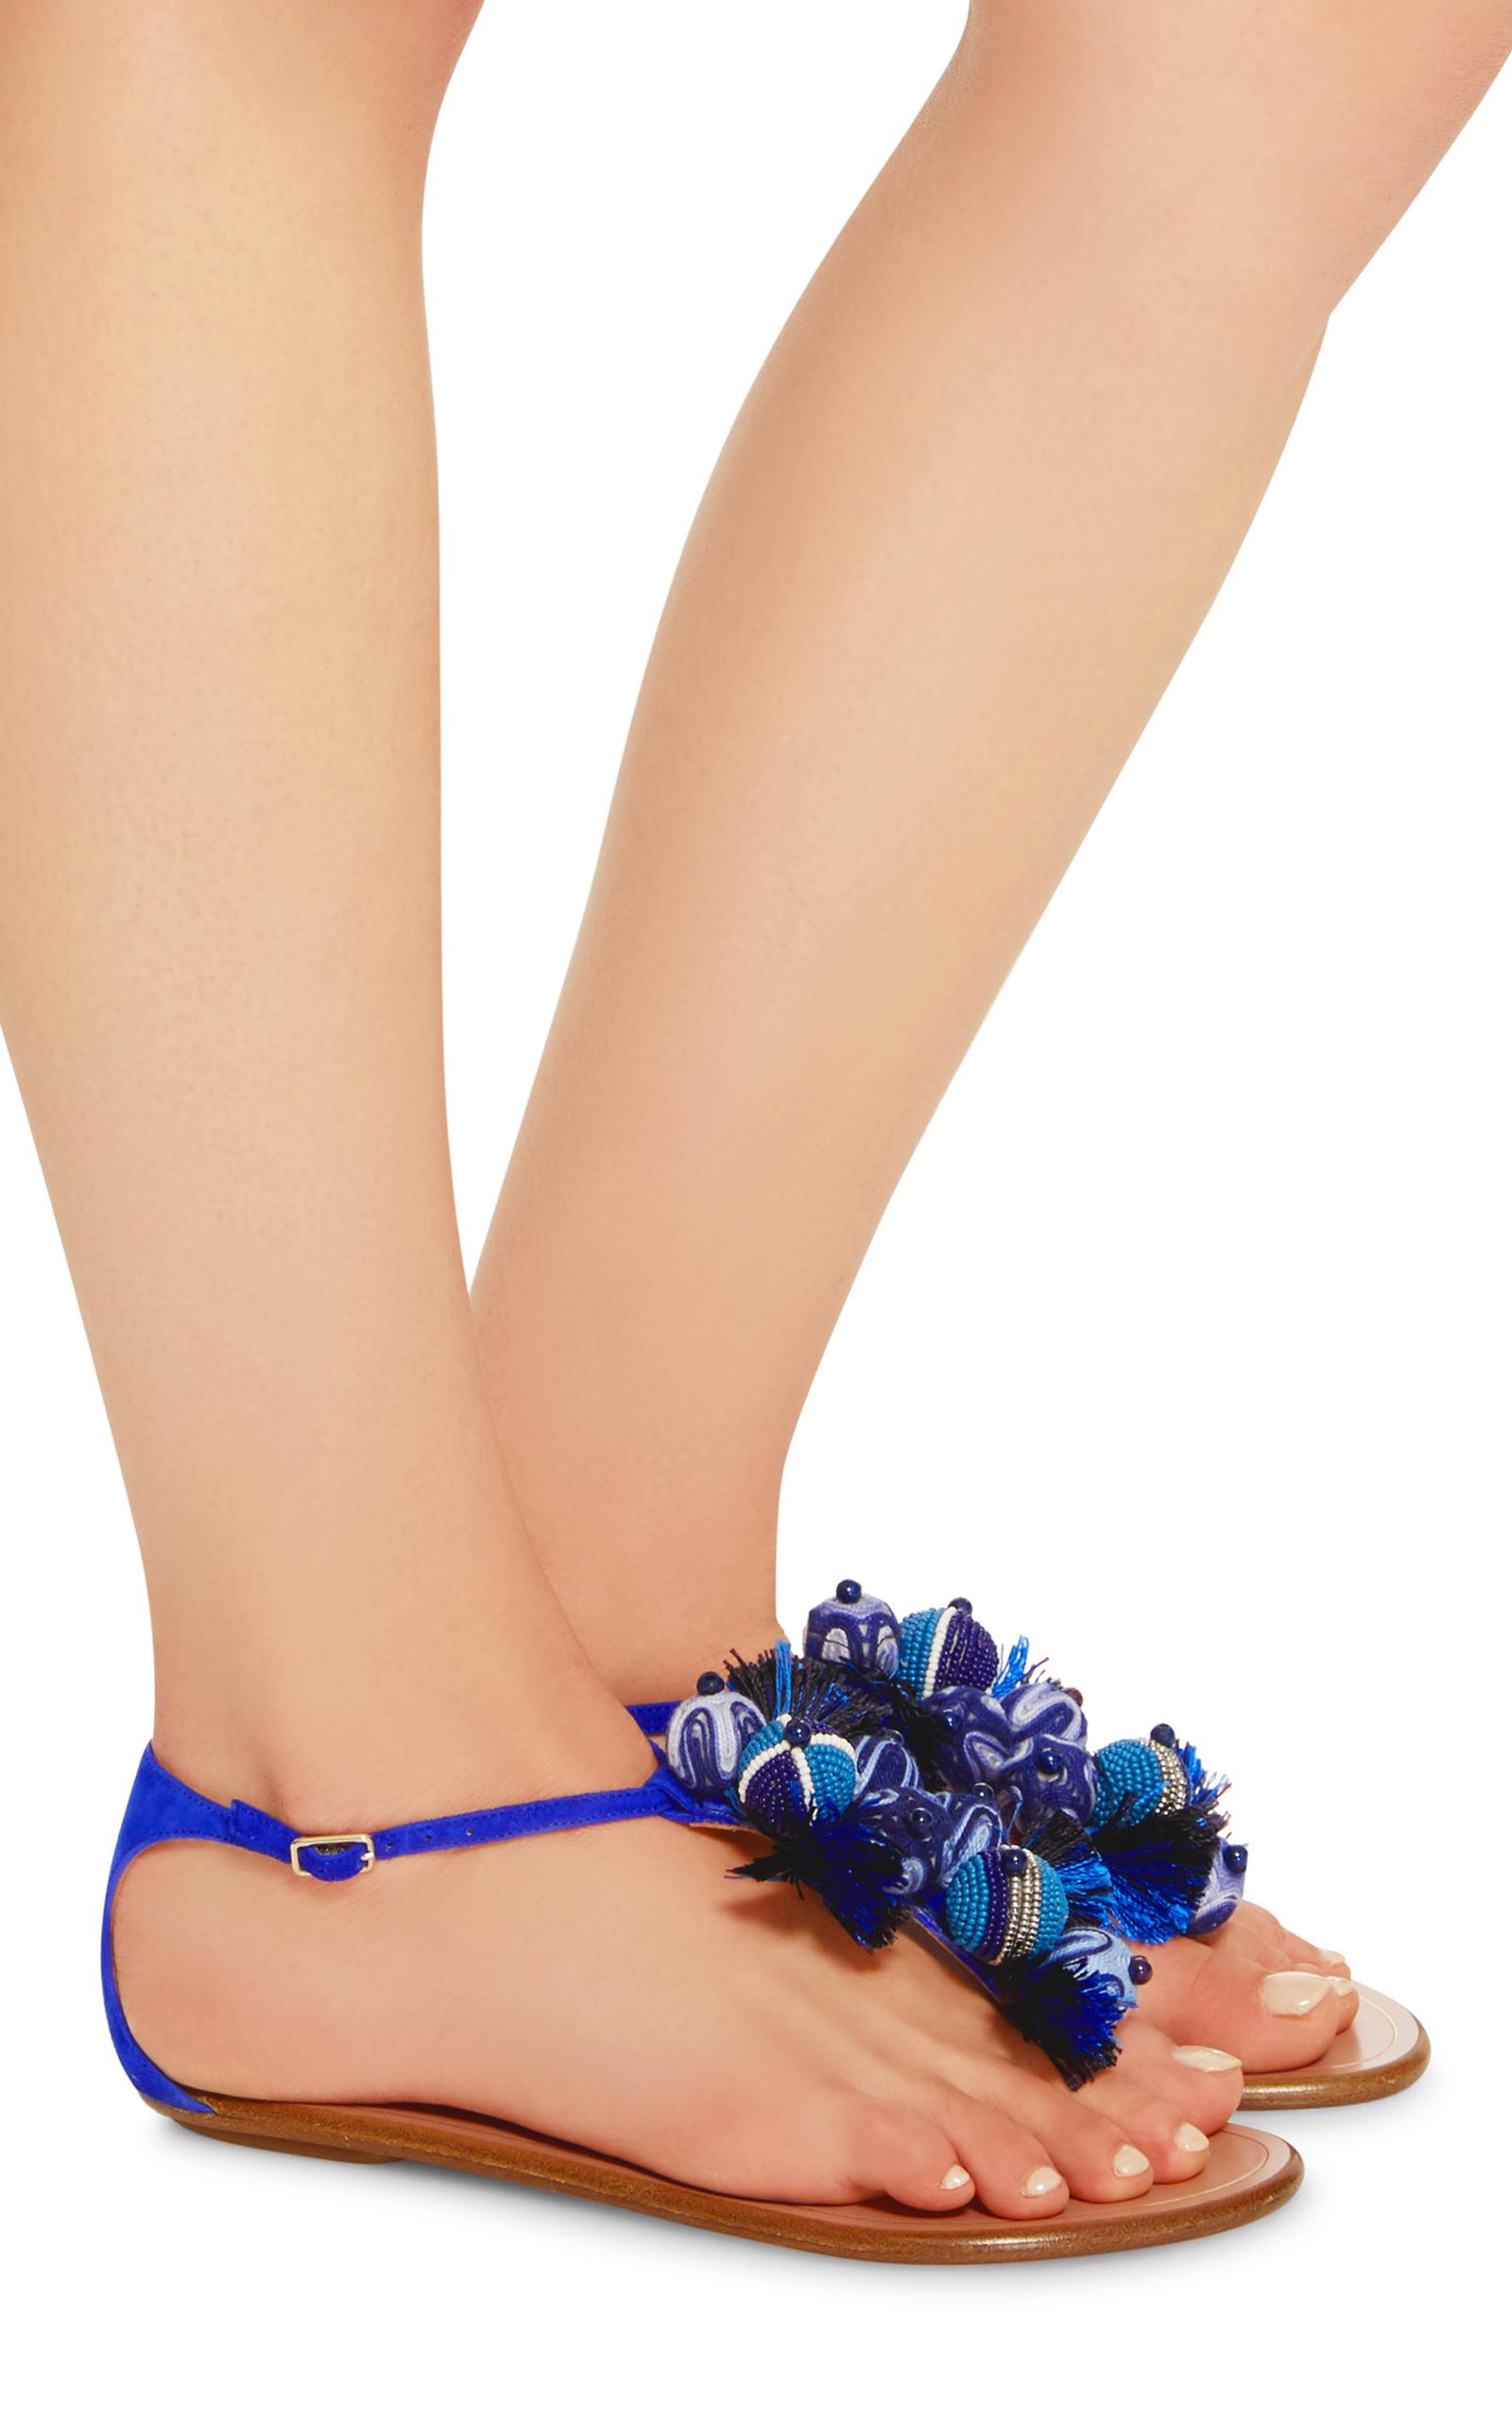 f513d7071 AquazzuraTropicana Embellished Suede Sandals. CLOSE. Loading